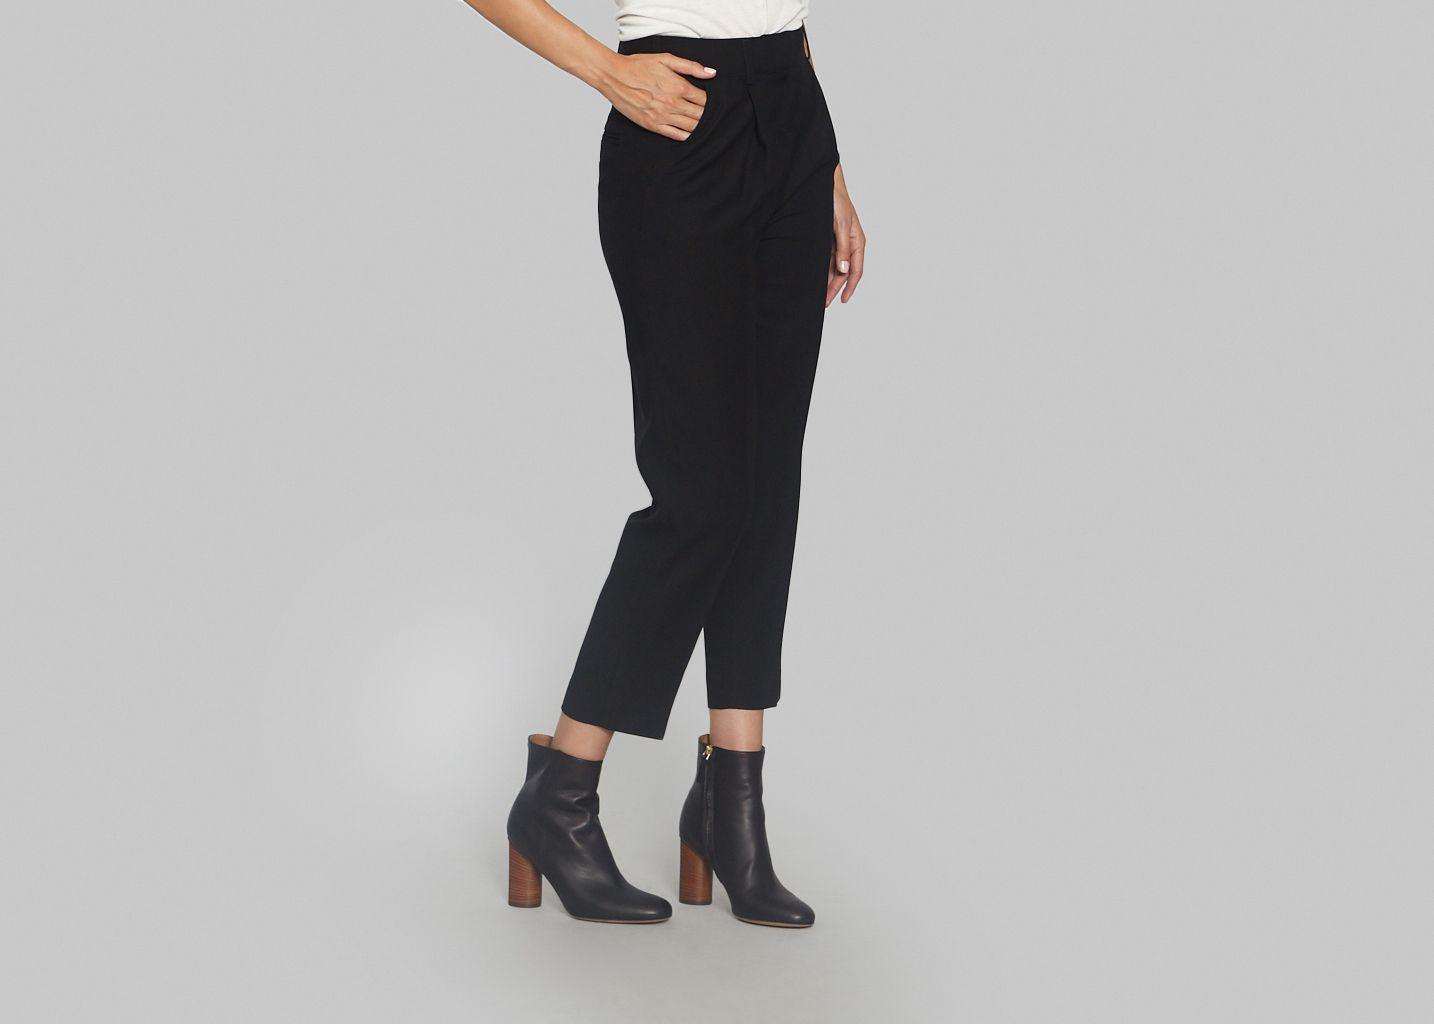 Pantalon Tailleur - Tara Jarmon